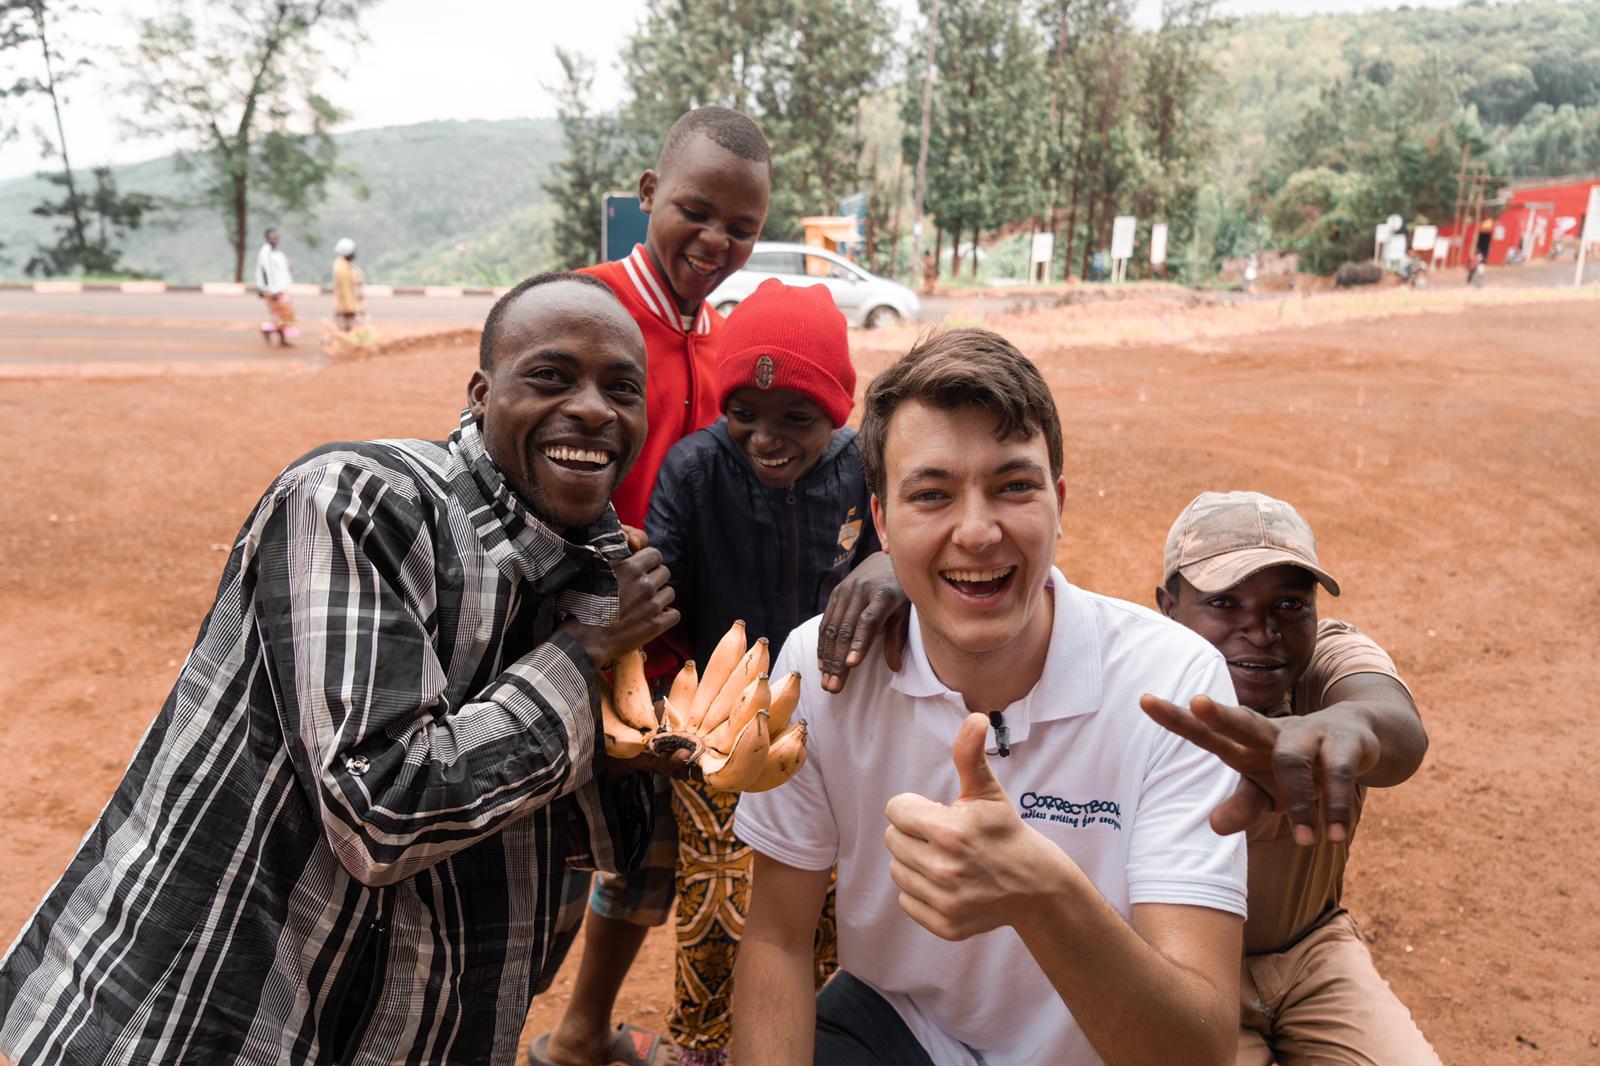 Sam reist naar Afrikamet eindeloos notitieboek voor een betere wereld